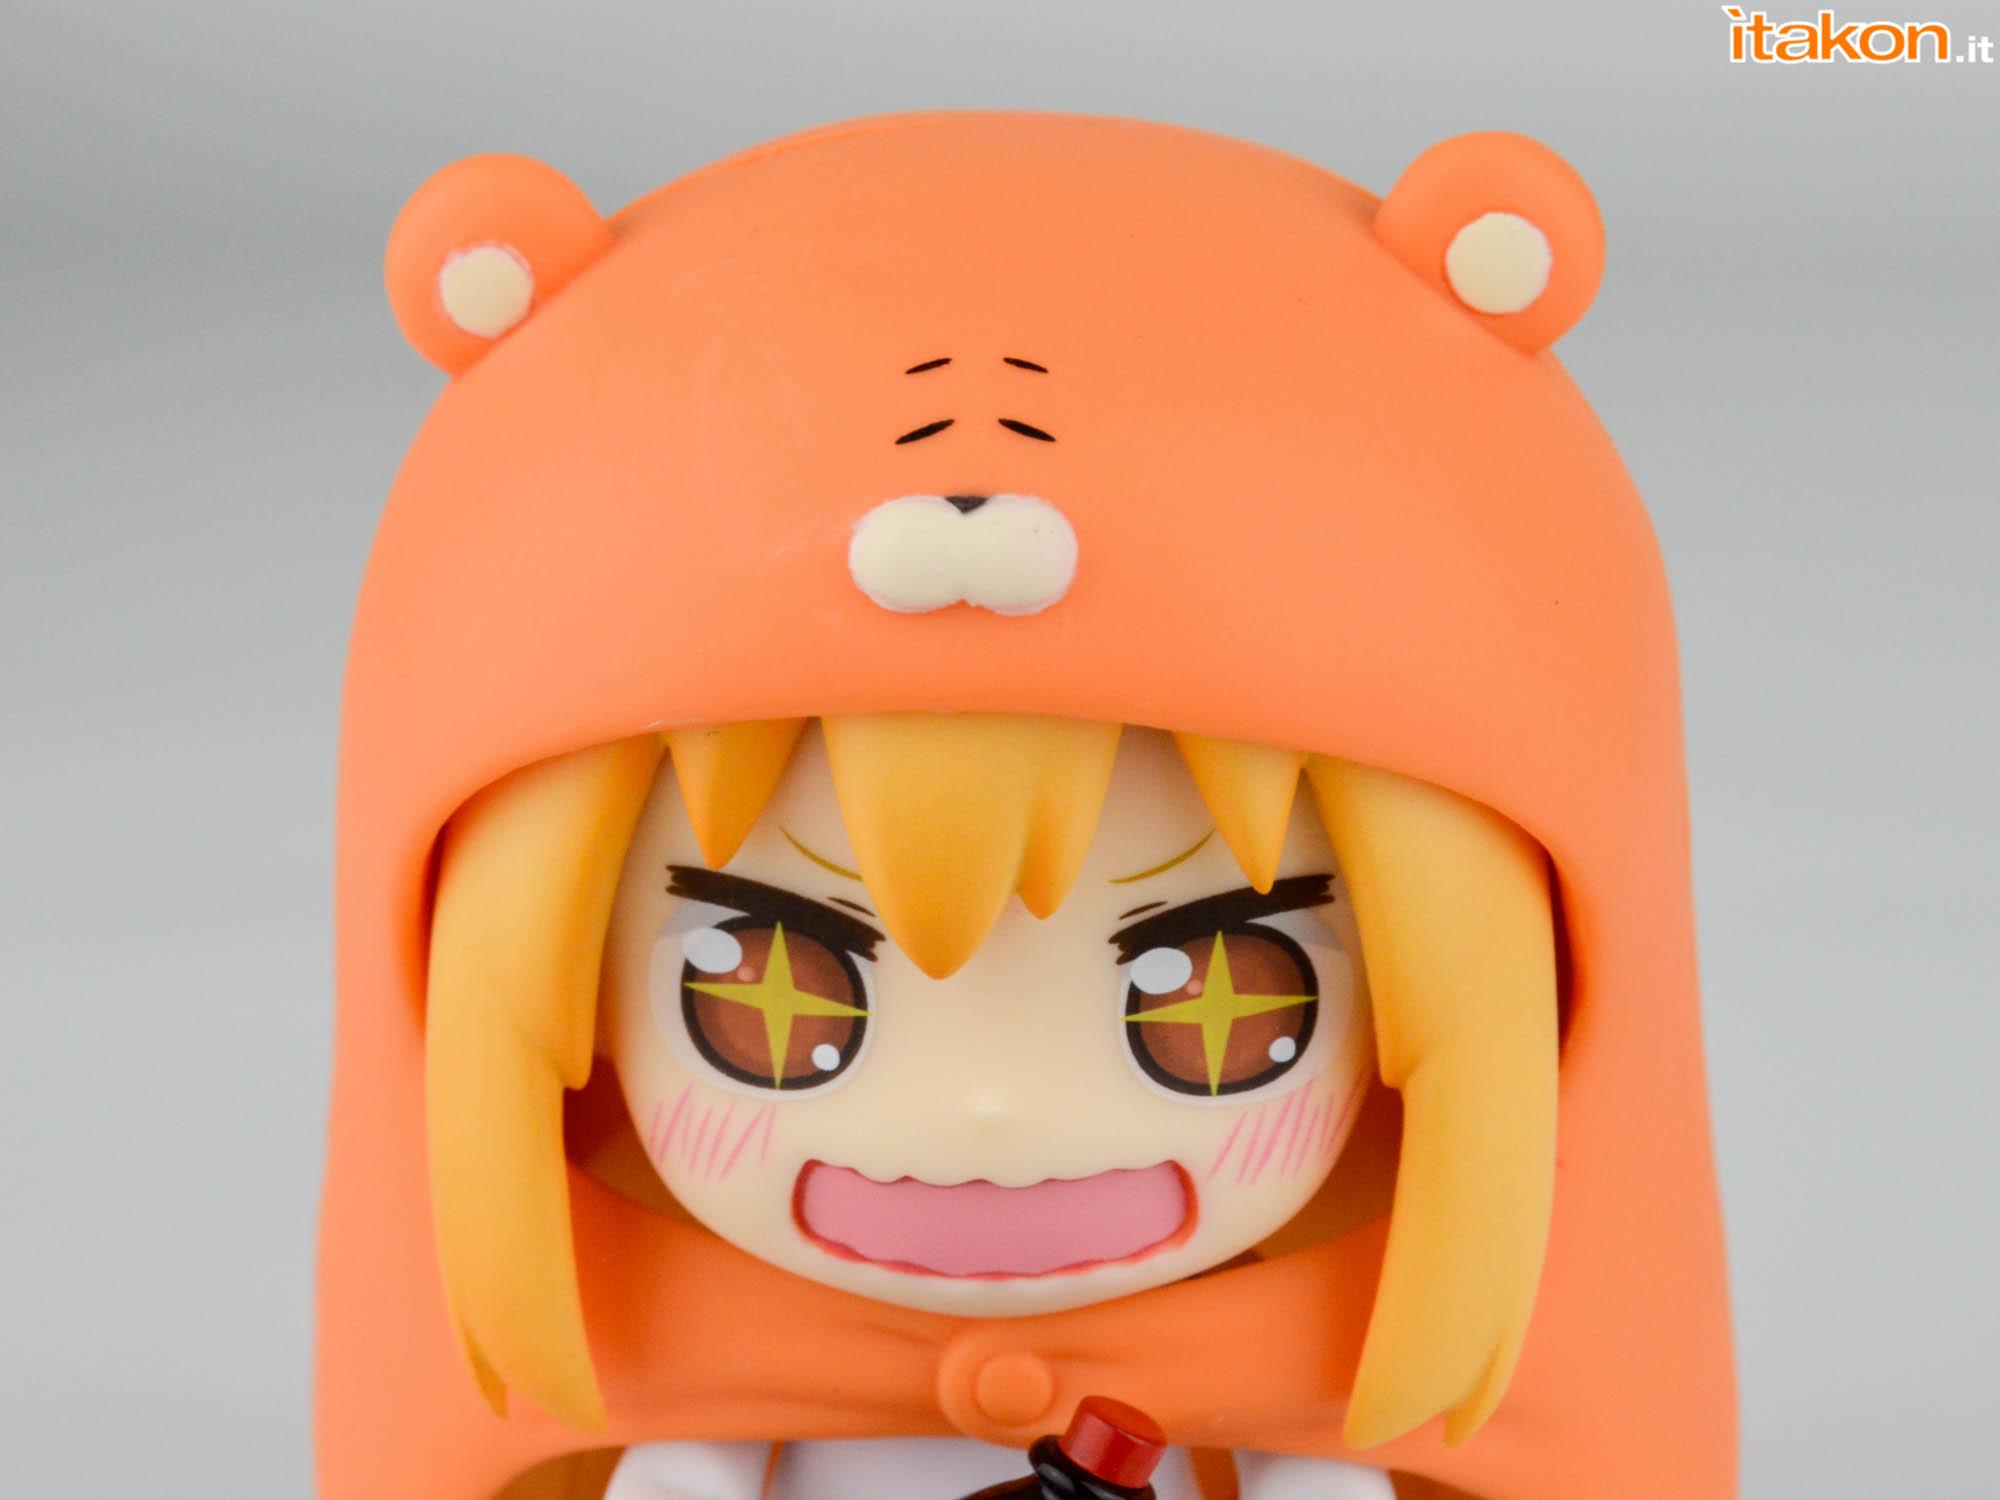 Umaru_Nendoroid_GSC_524_review-55